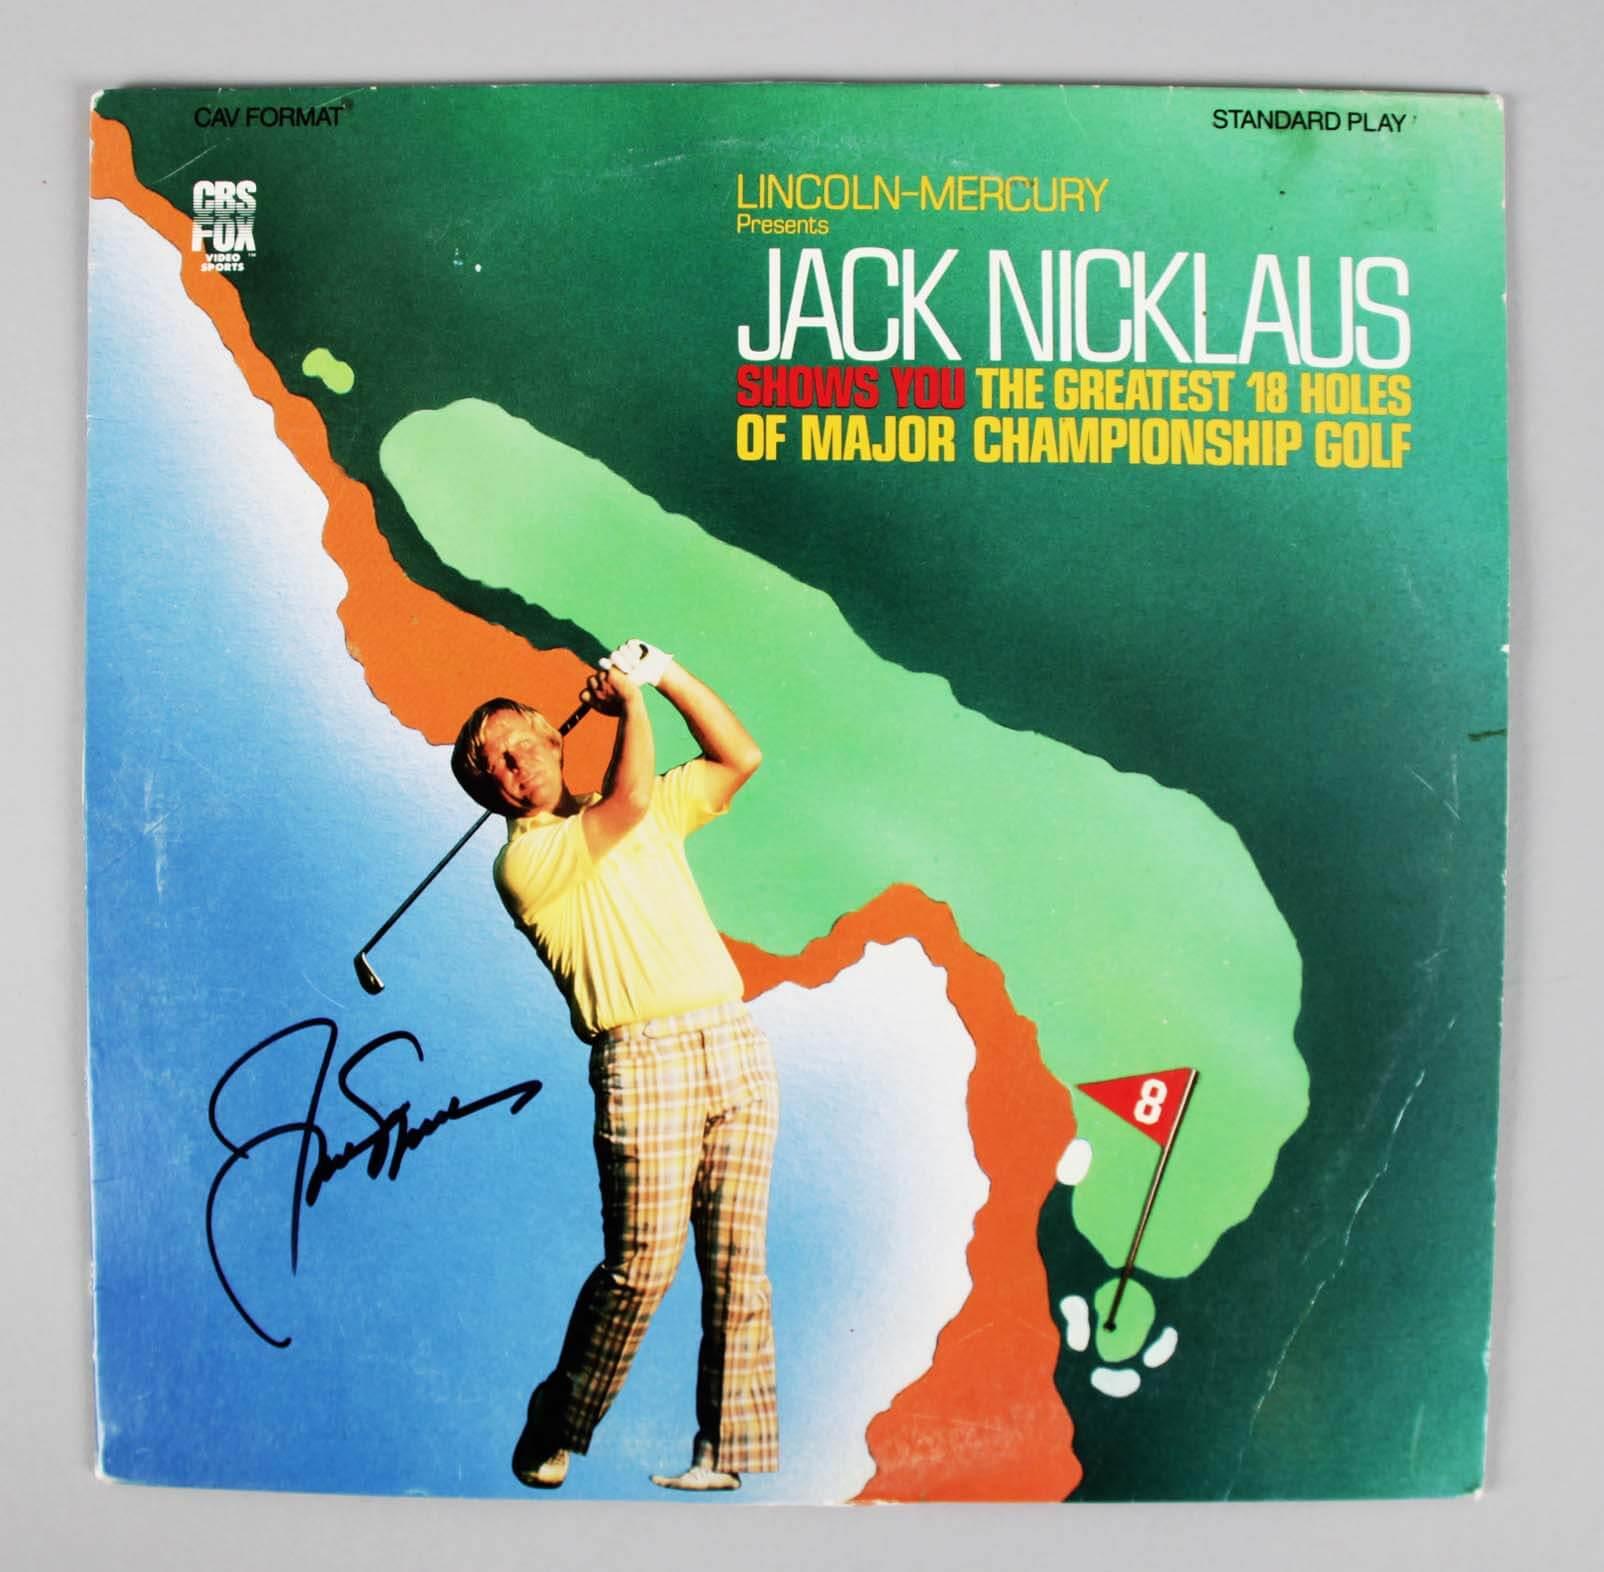 """Jack Nicklaus Signed """"The Greatest 18 Holes Of Major Championship Golf"""" Laser Disc Album - PSA/DNA & JSA"""